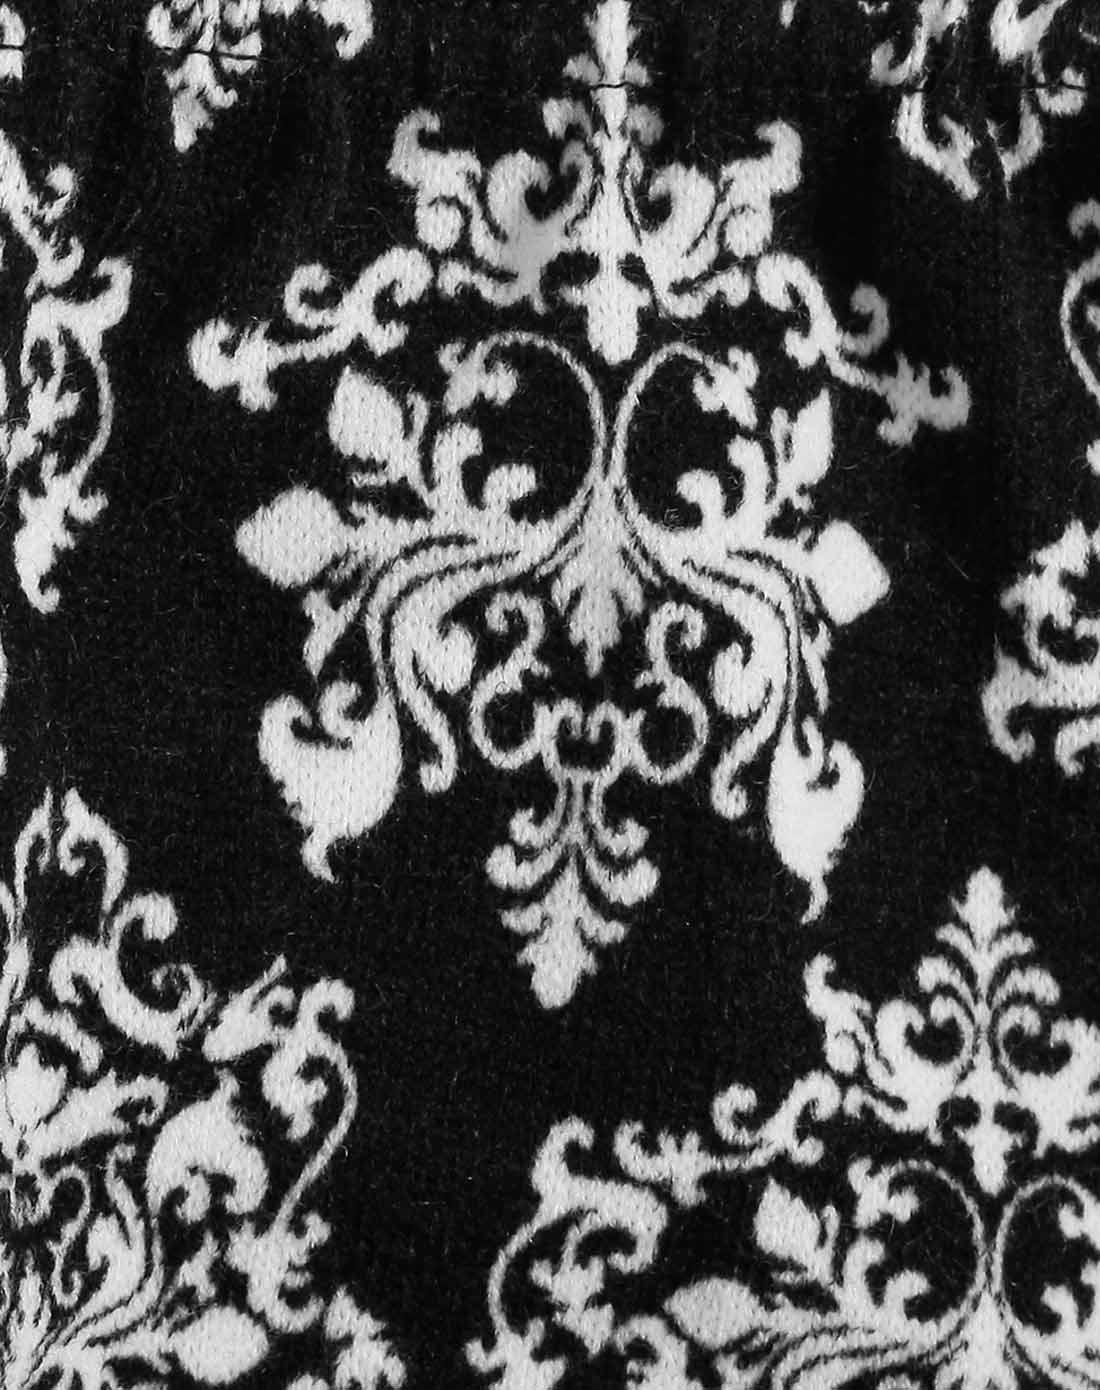 黑色兔毛复古图腾印花青花瓷花纹打底裤